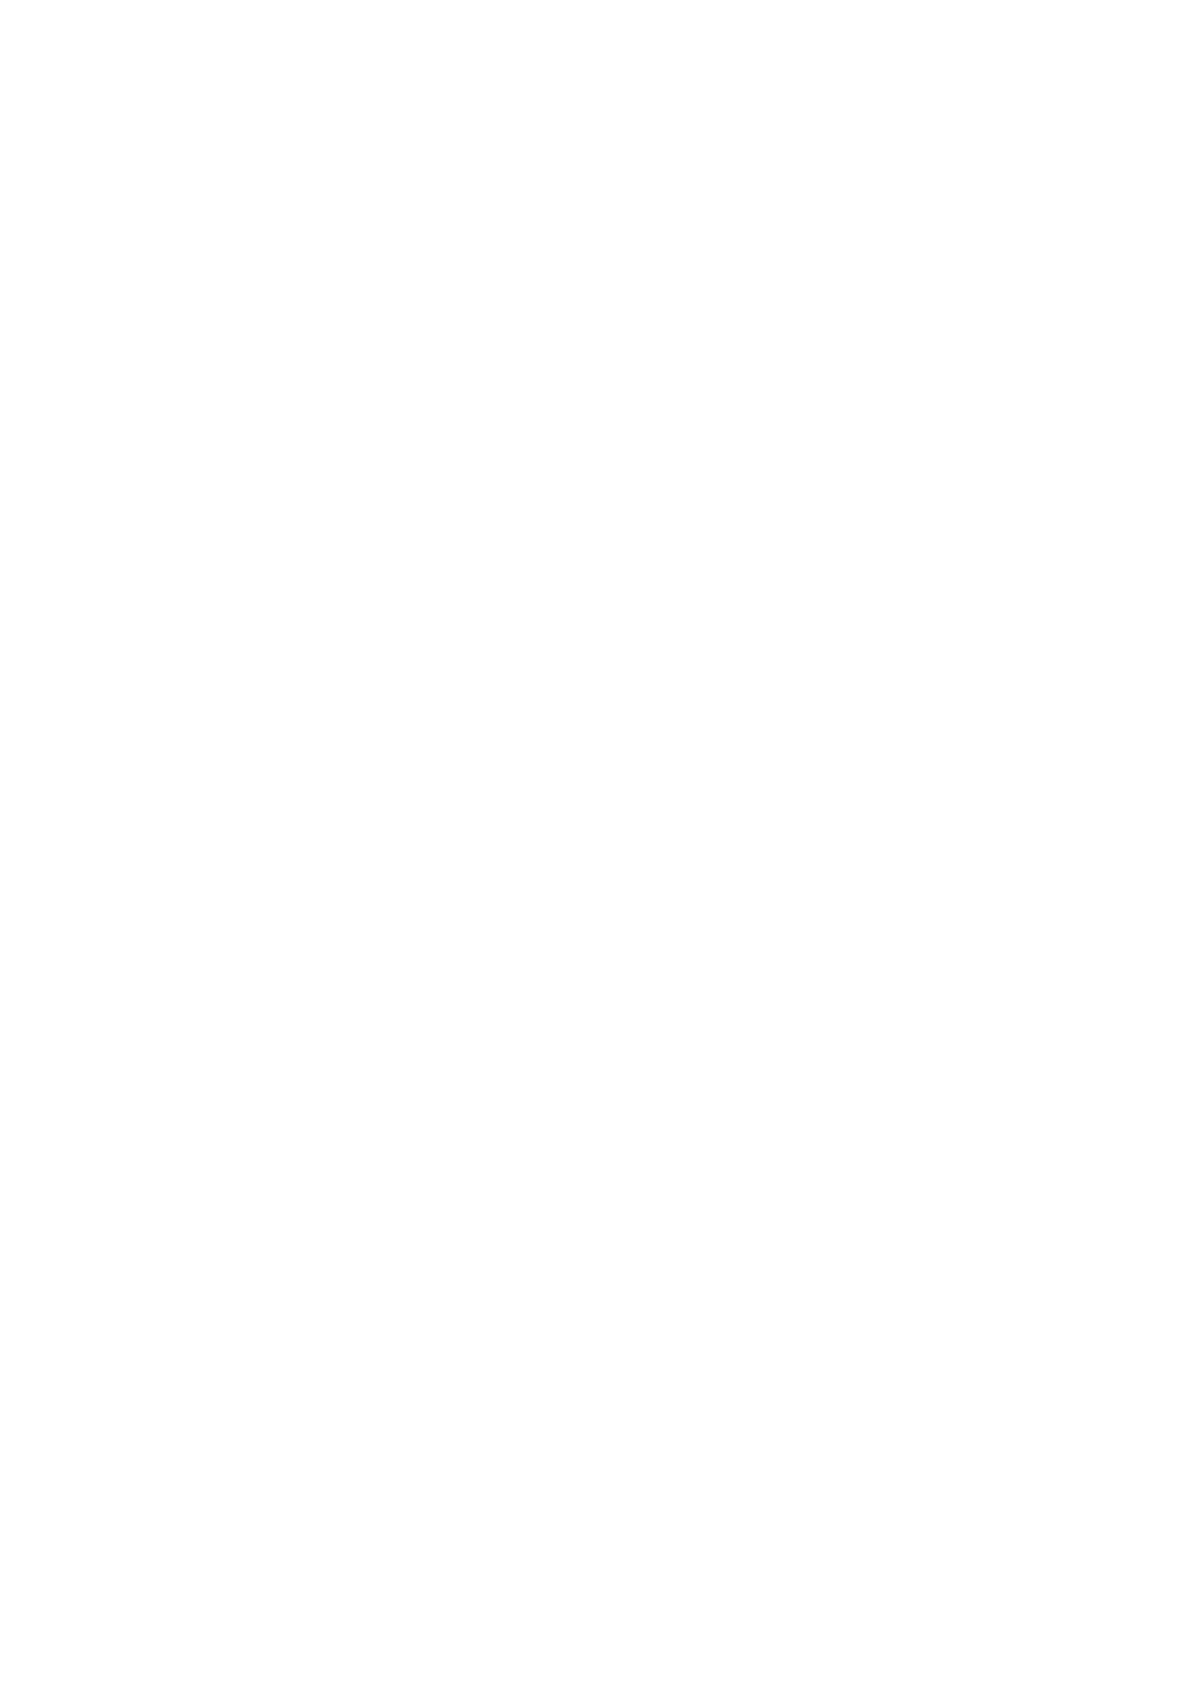 Kodane Full Install! - Progeny Full Install! 186